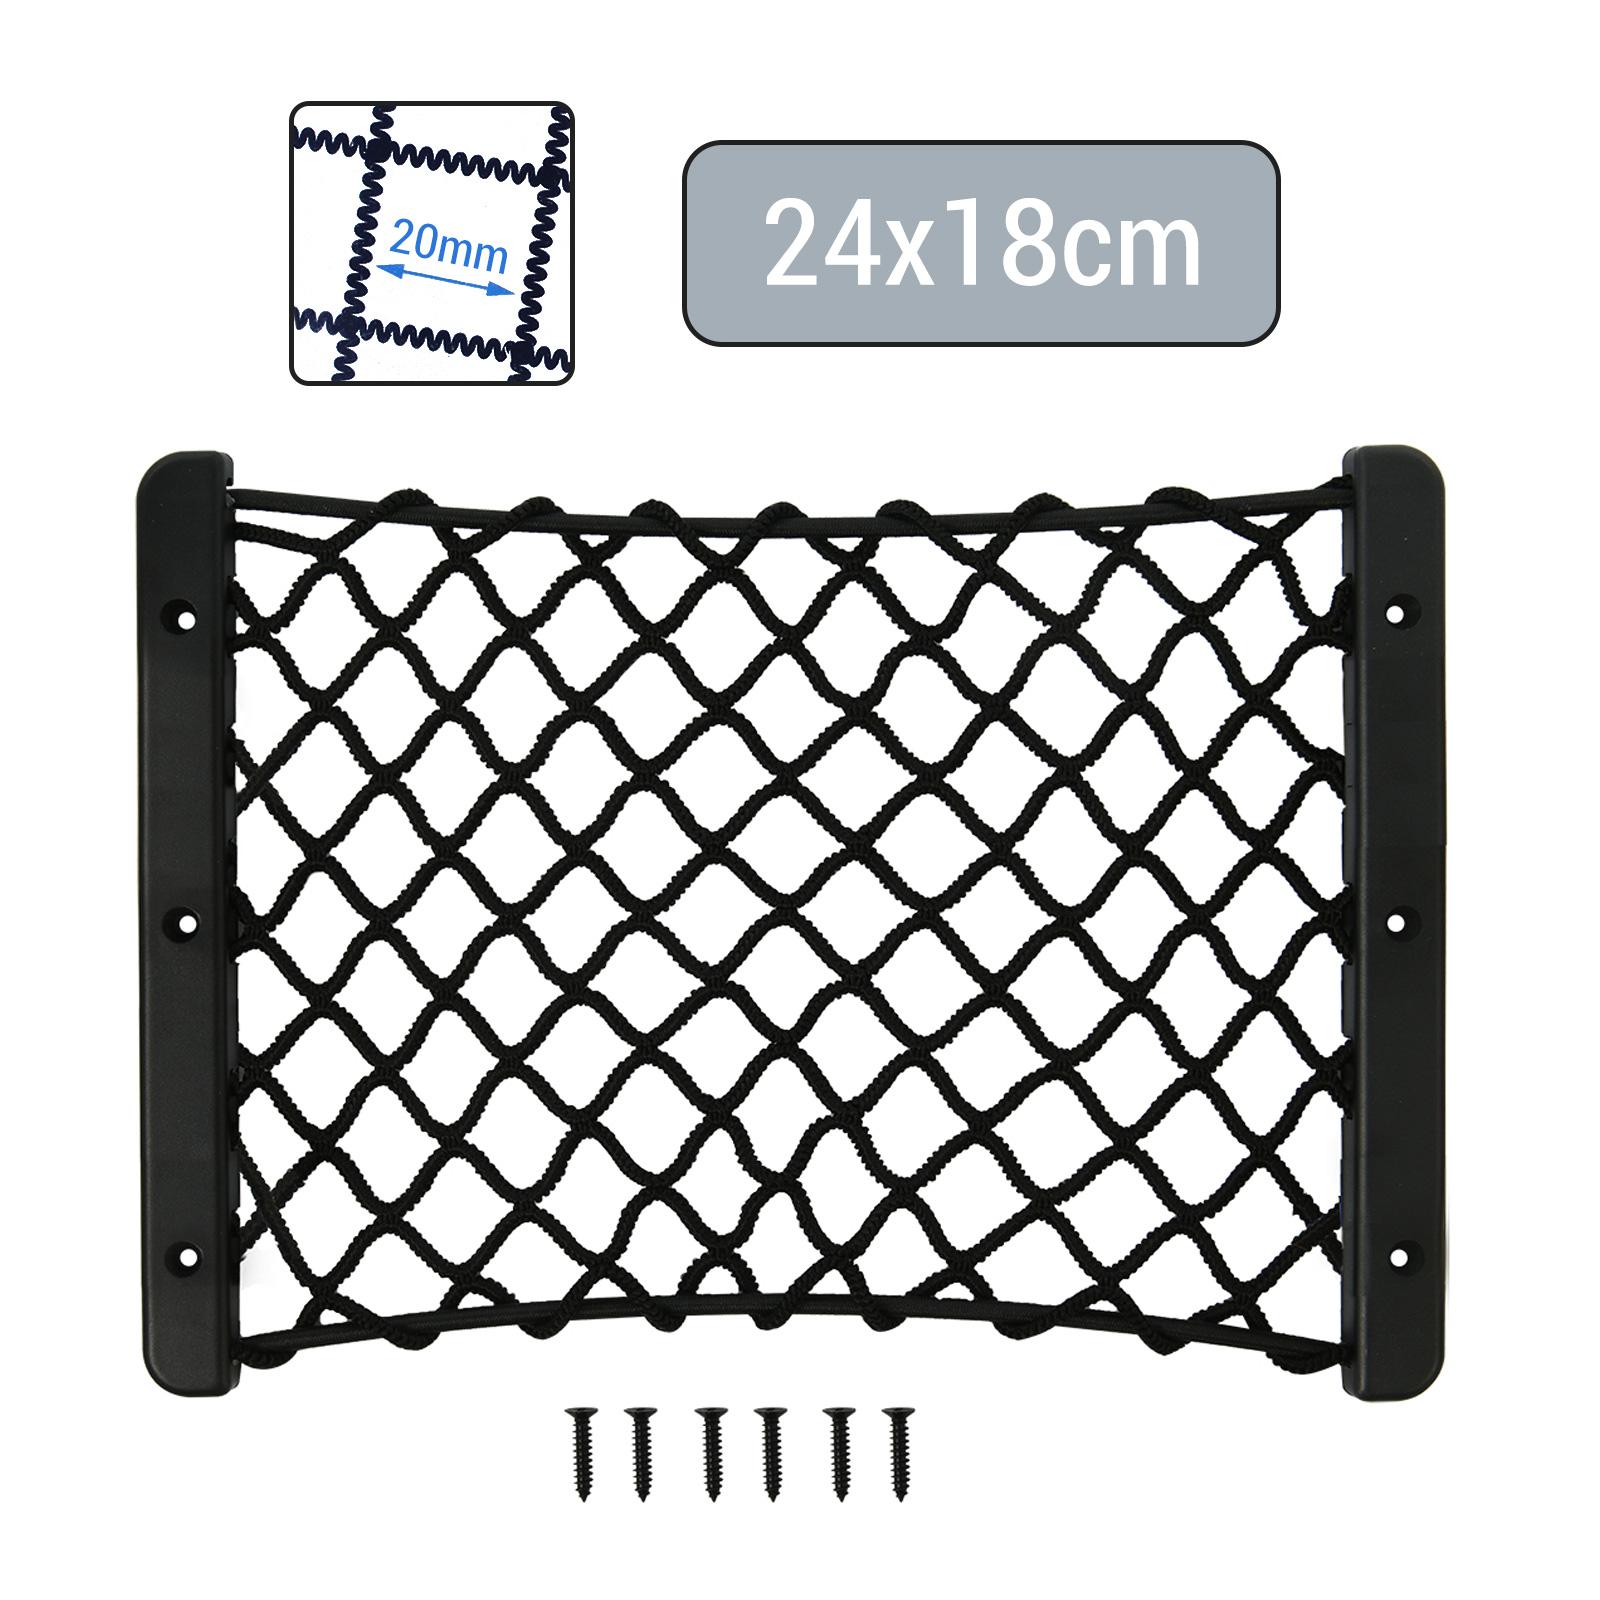 Kofferraumnetz Ablagenetz elastisch 24 x 18 cm mit Rahmen inkl Schrauben